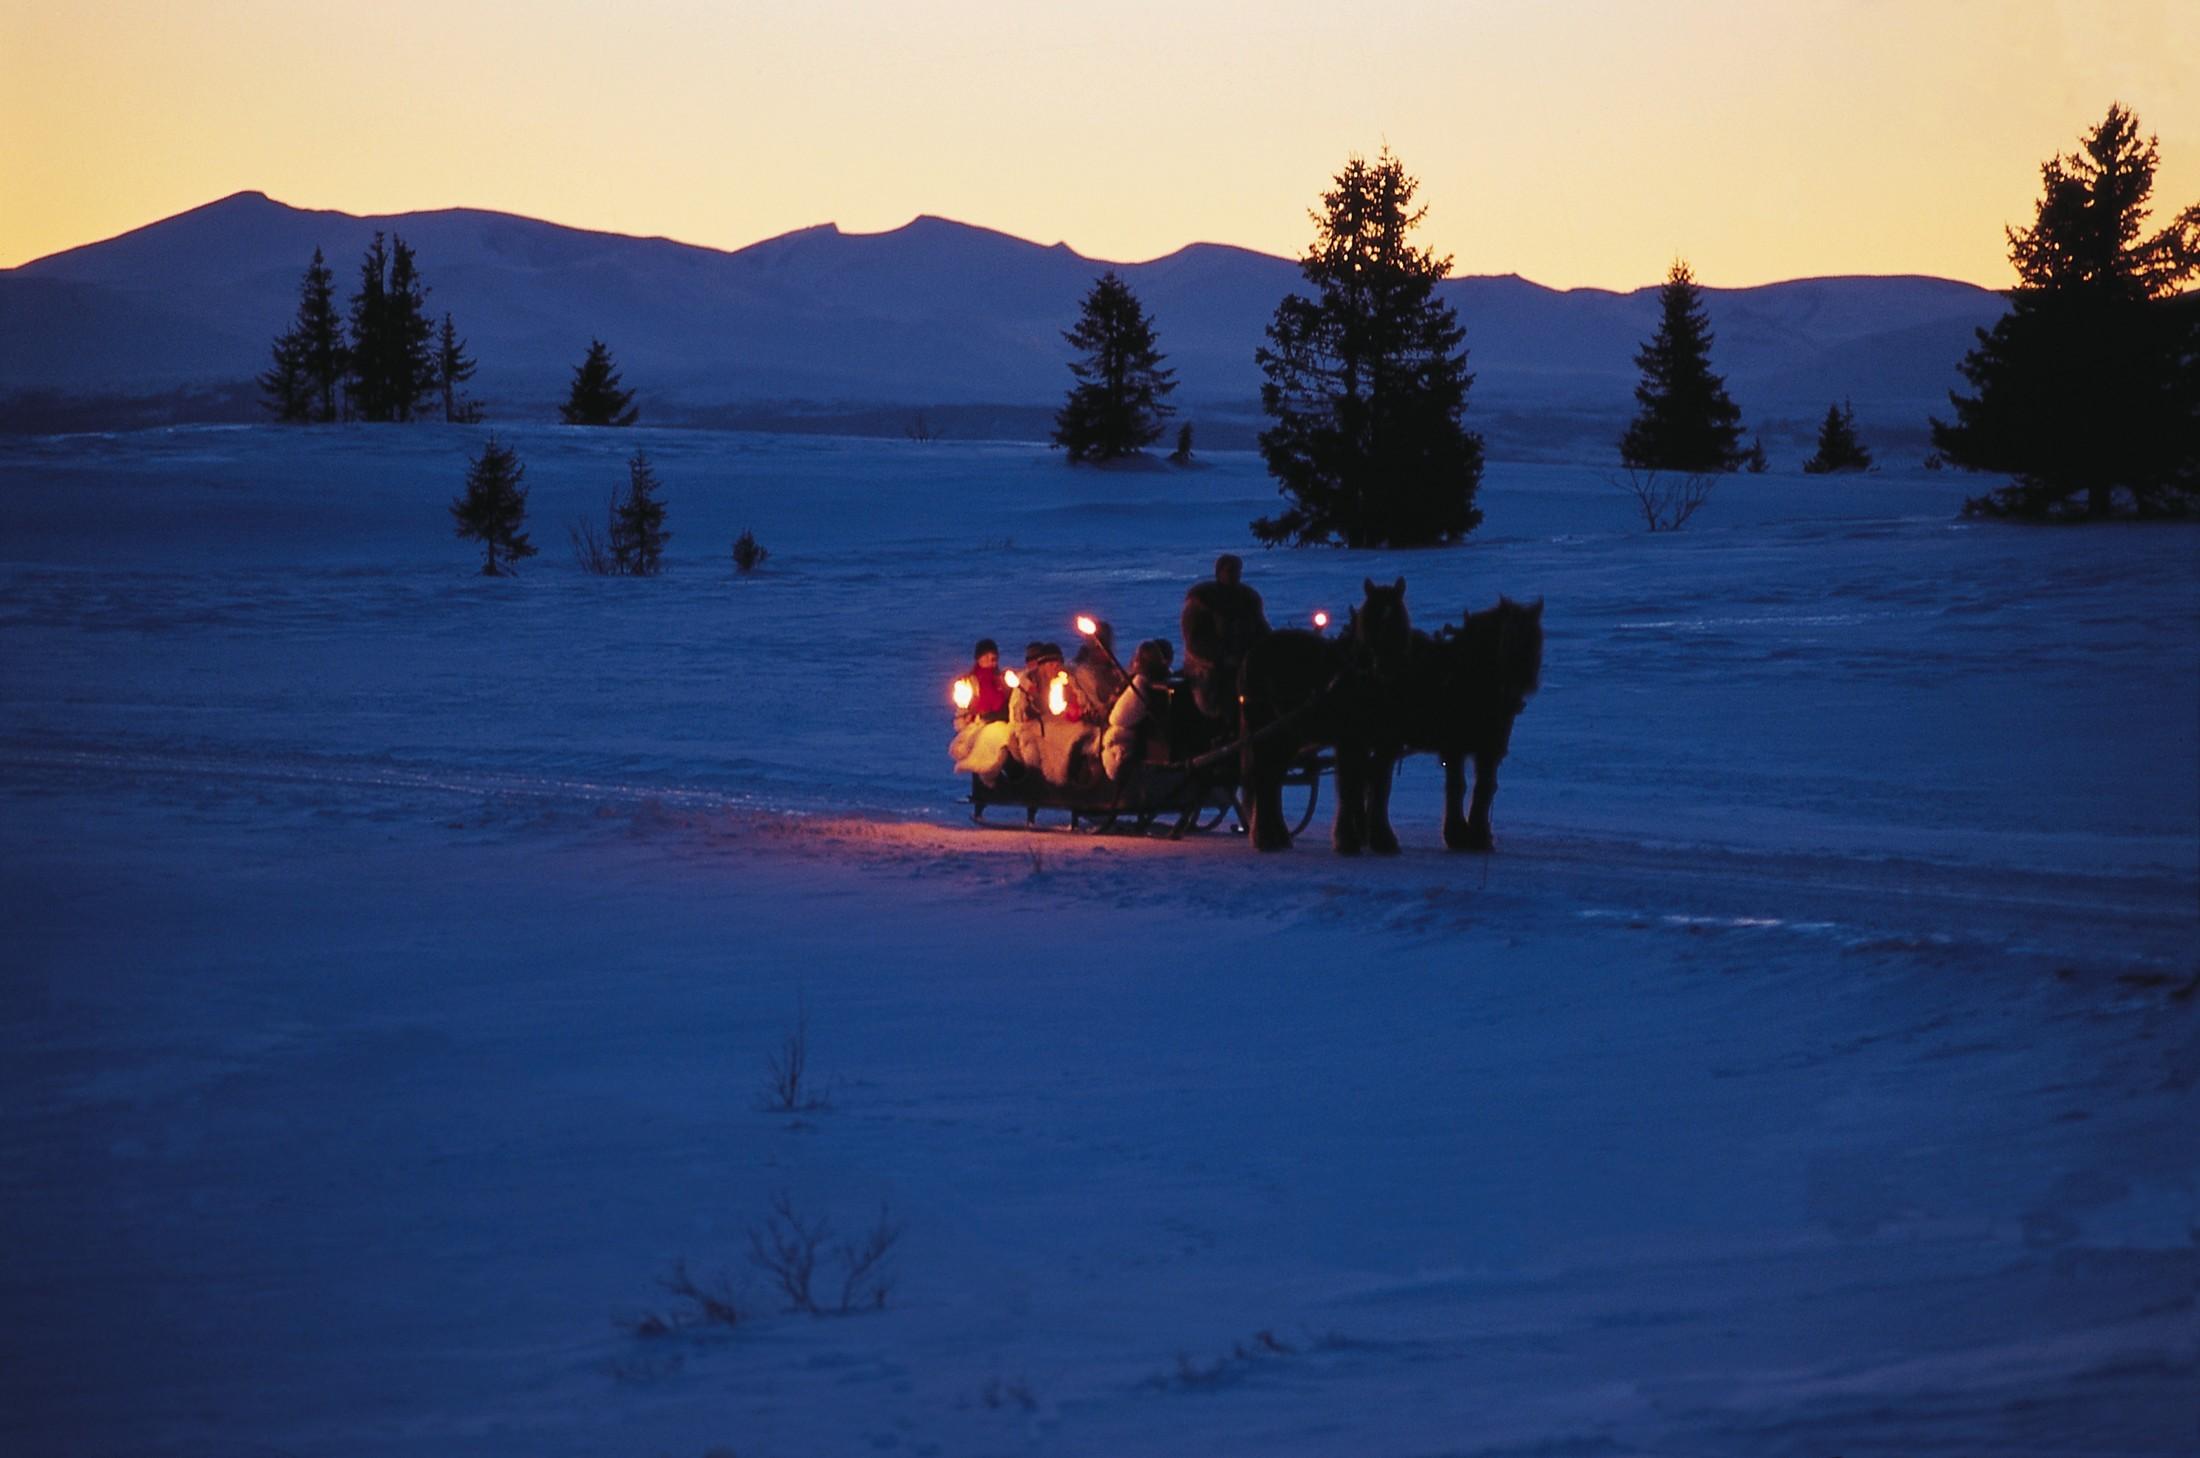 Natale in Norvegia -Foto Gålå in Gudbrandsdalen - Foto Terje Rakke/Nordic life - Visitnorway.com